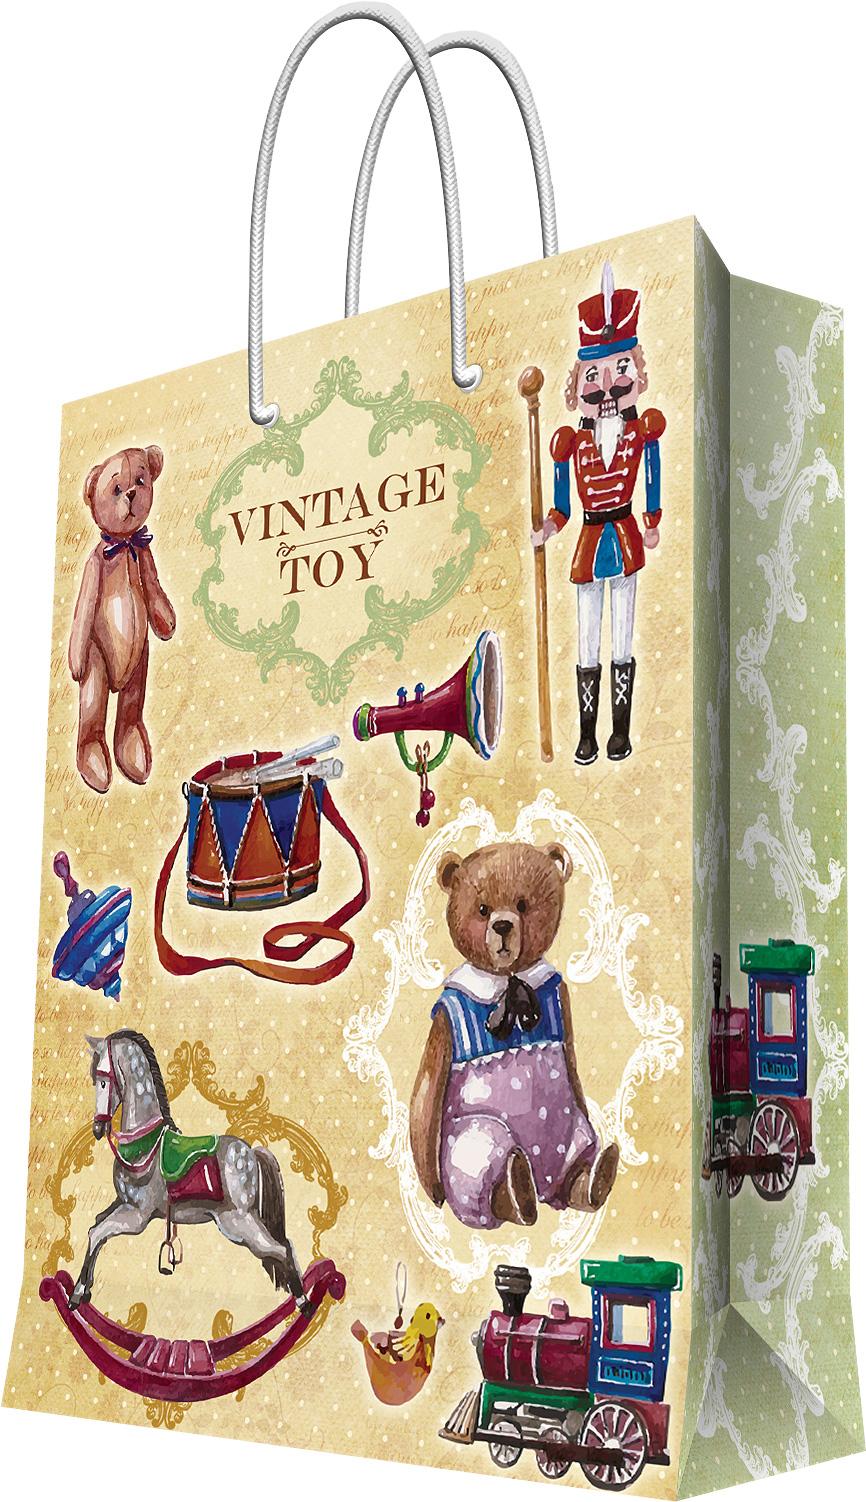 Пакет подарочный Magic Home Сказочные игрушки, 17,8 х 22,9 х 9,8 см44184Подарочный пакет Magic Home, изготовленный из плотной бумаги, станет незаменимым дополнением к выбранному подарку. Дно изделия укреплено картоном, который позволяет сохранить форму пакета и исключает возможность деформации дна под тяжестью подарка. Пакет выполнен с глянцевой ламинацией, что придает ему прочность, а изображению - яркость и насыщенность цветов. Для удобной переноски имеются две ручки в виде шнурков. Подарок, преподнесенный в оригинальной упаковке, всегда будет самым эффектным и запоминающимся. Окружите близких людей вниманием и заботой, вручив презент в нарядном, праздничном оформлении. Плотность бумаги: 140 г/м2.